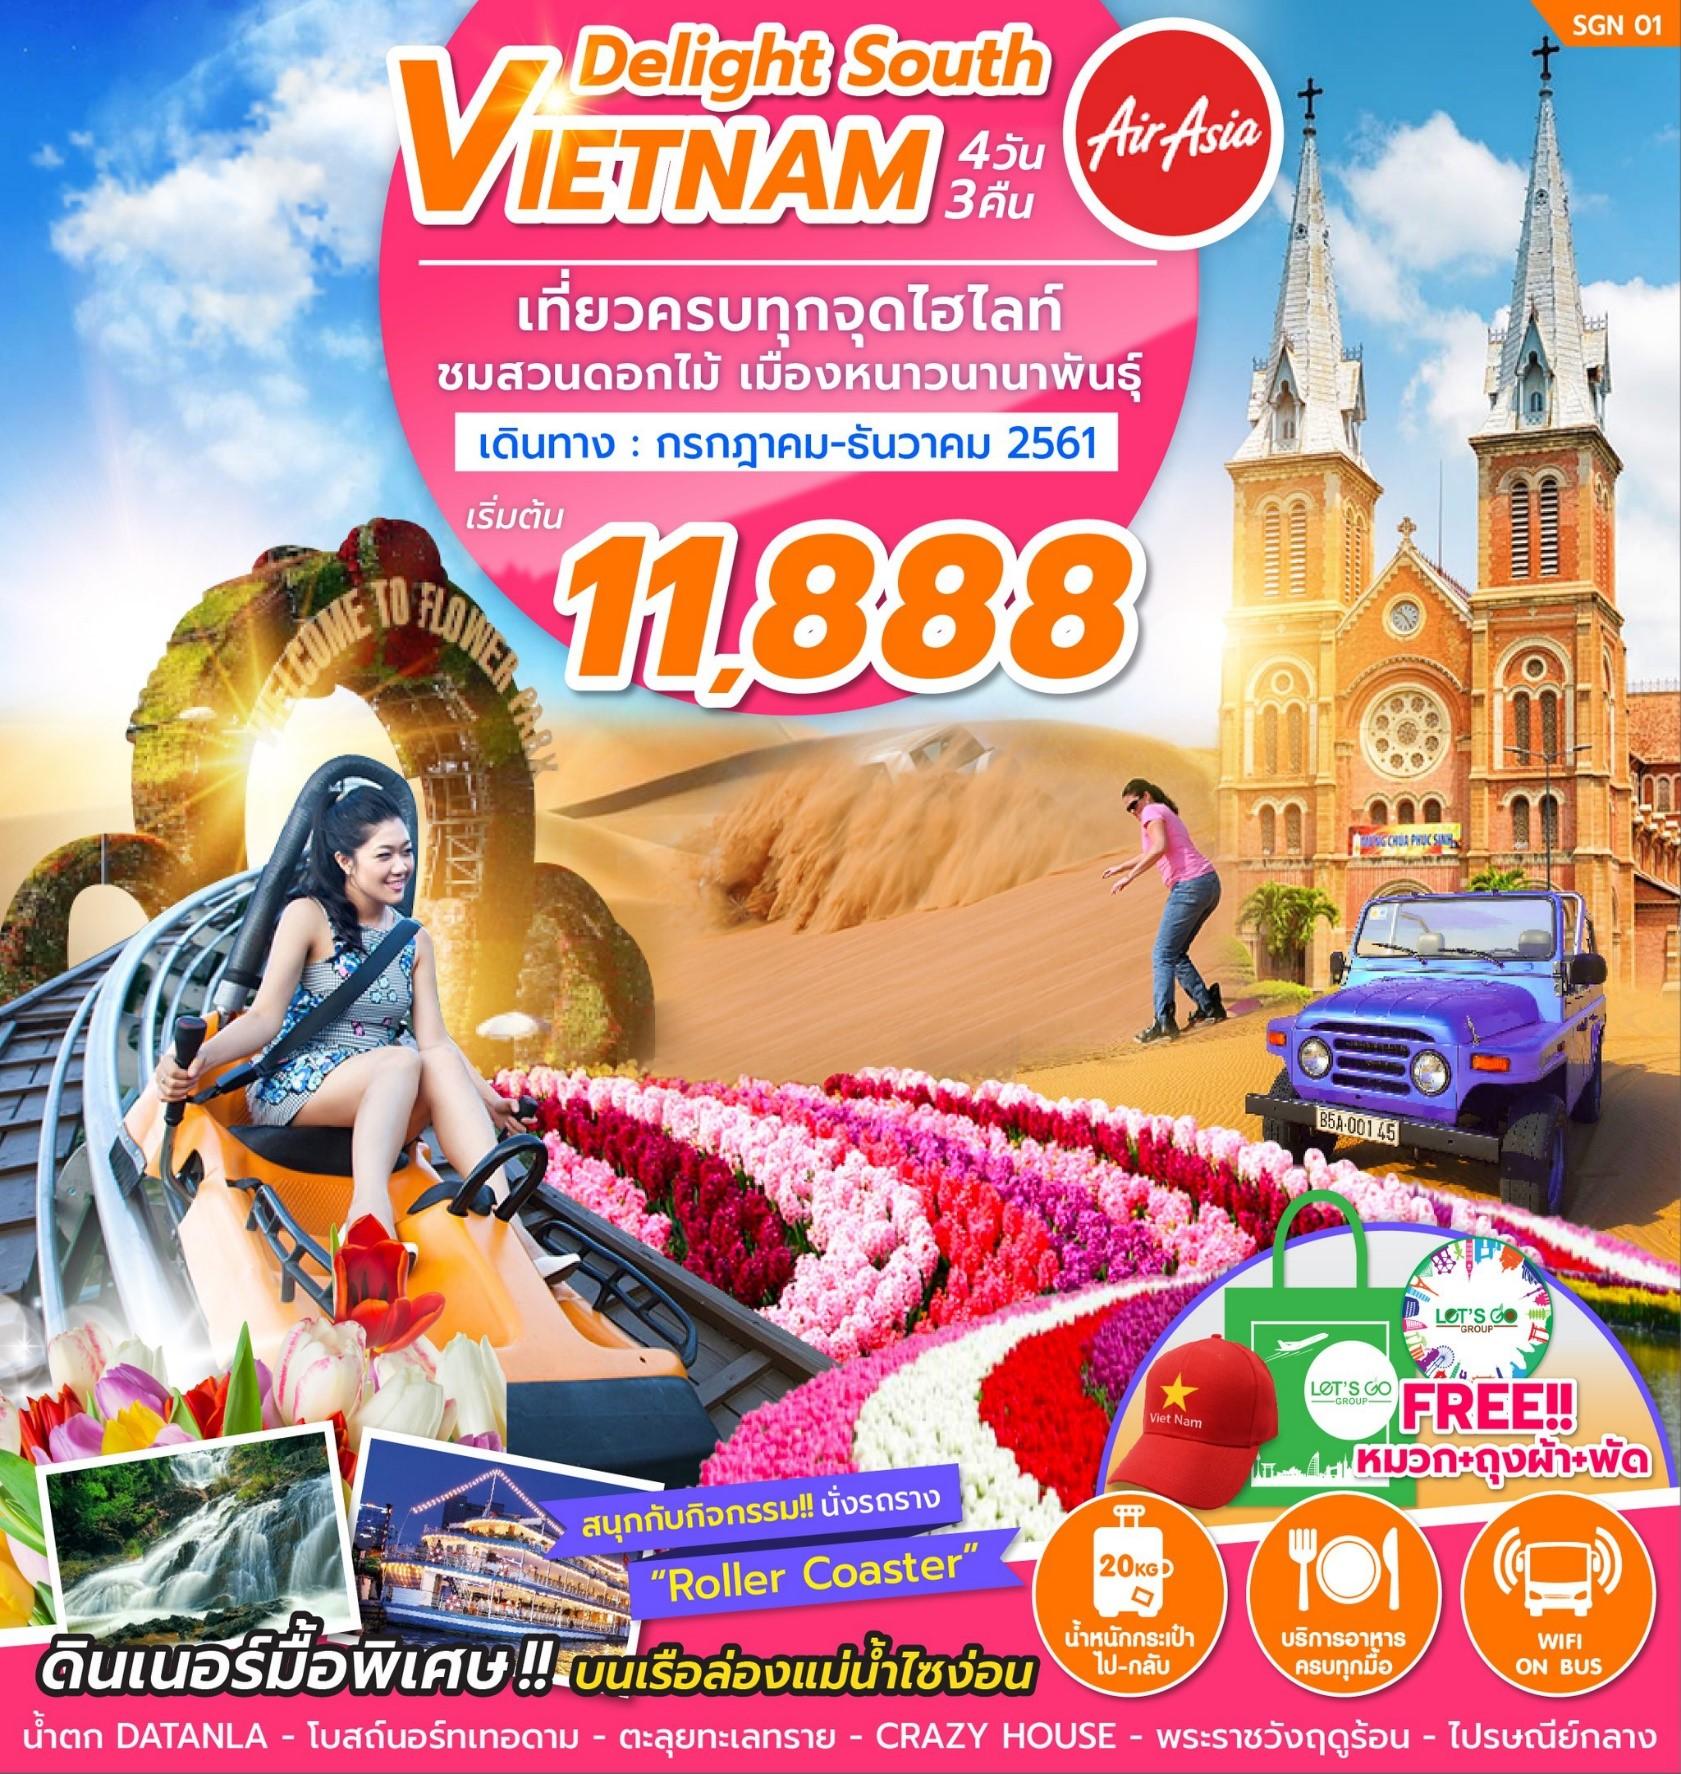 ทัวร์เวียดนาม-ปีใหม่-DELIGHT-SOUTH-VIETNAM-4D3N-(OCT-DEC18)-SGN01